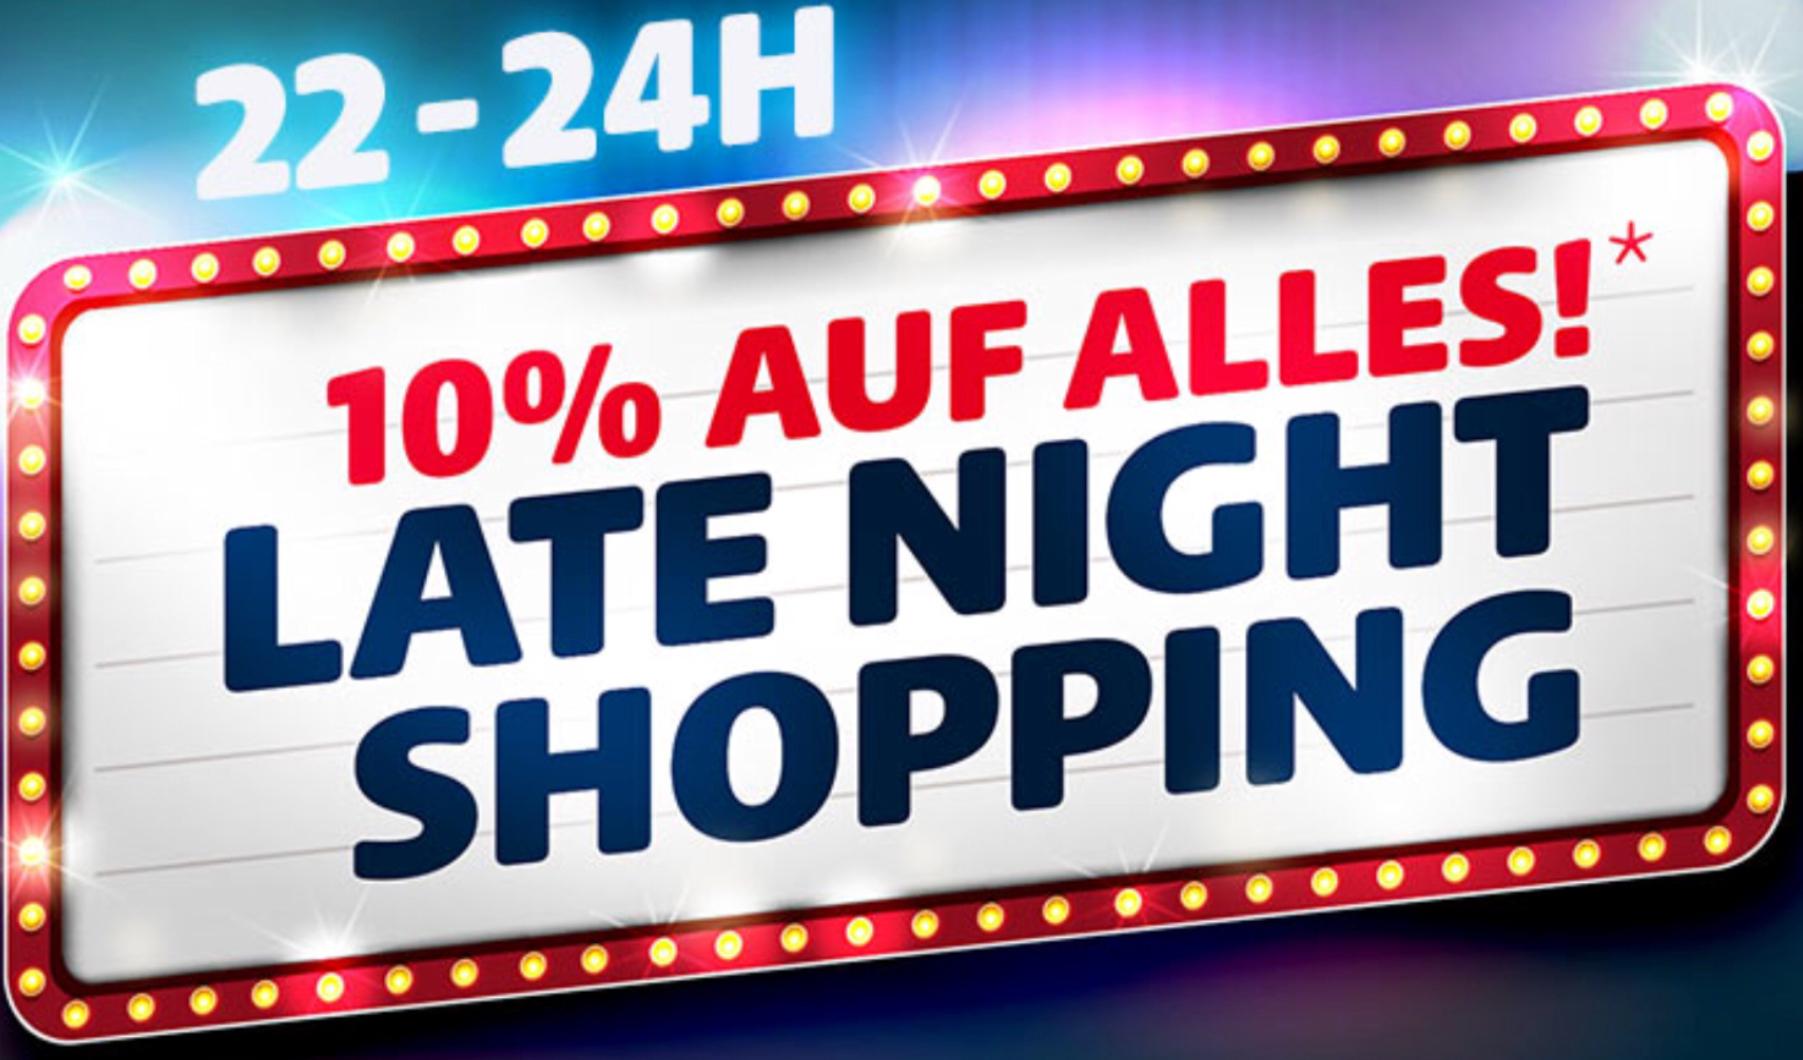 Late Night Shopping vom 27.04. - 29.04. jeweils 22-24 Uhr - 10% auf alles! [hagebau]